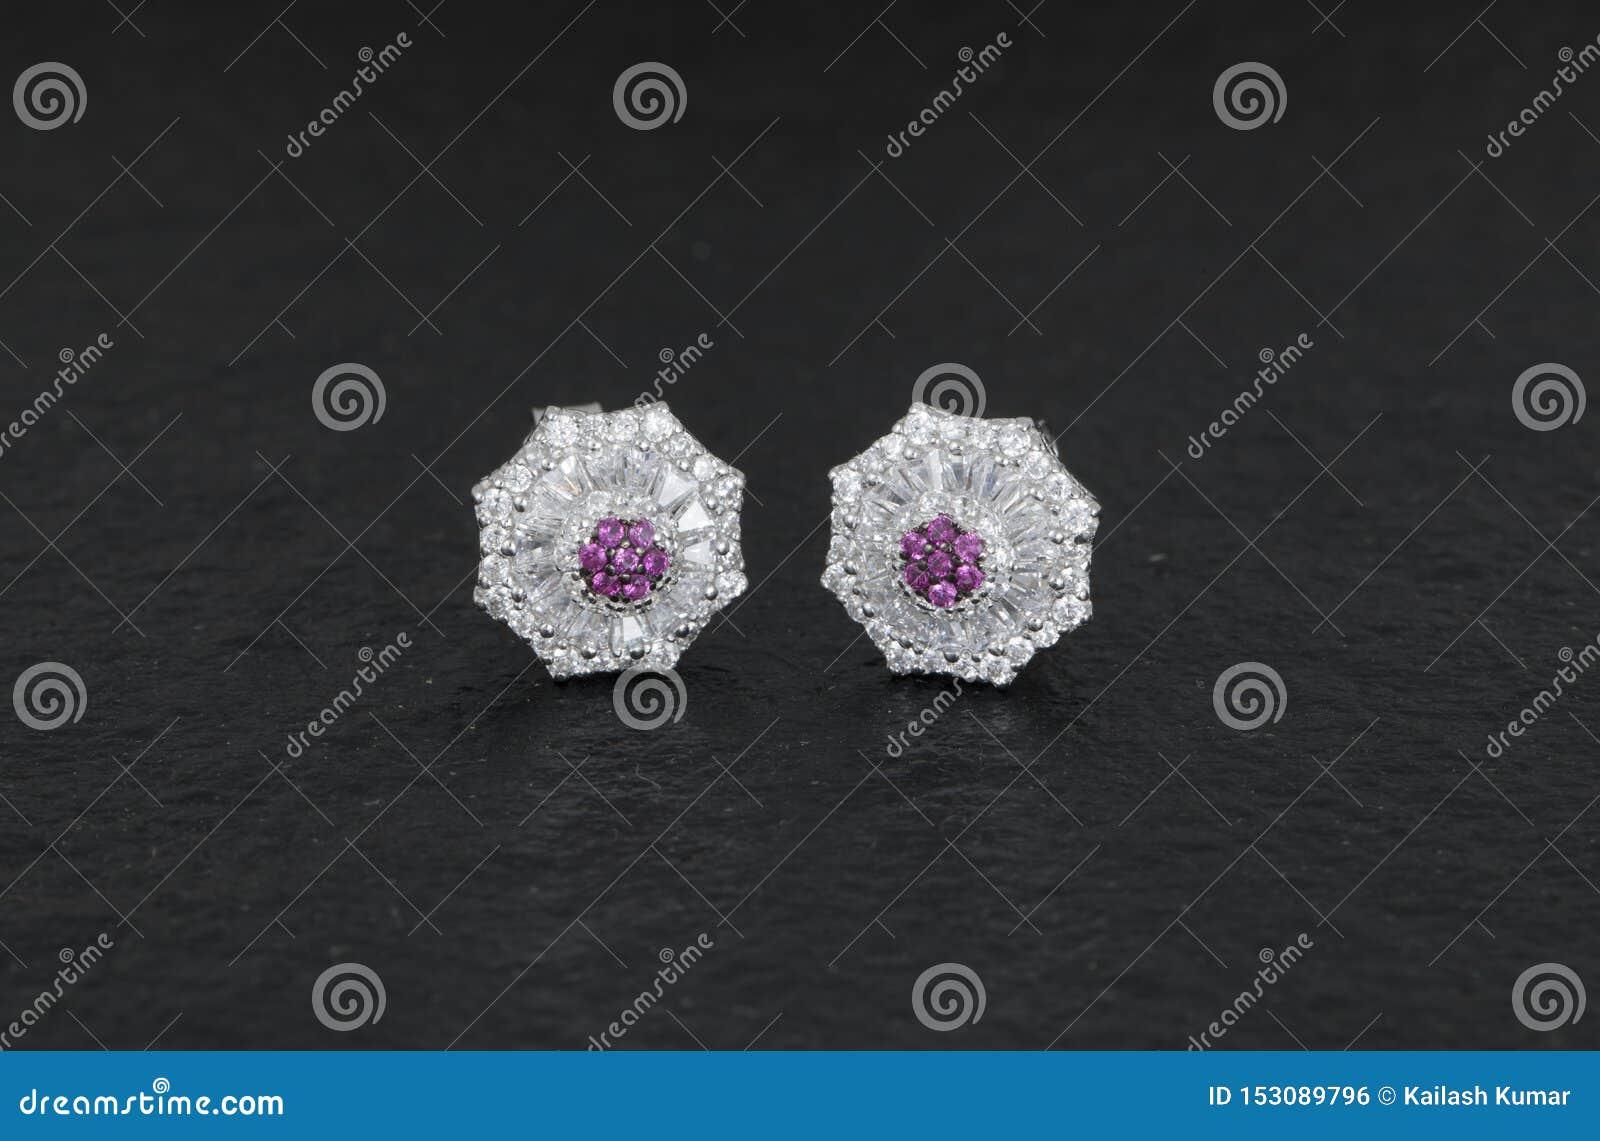 Daimond Earring